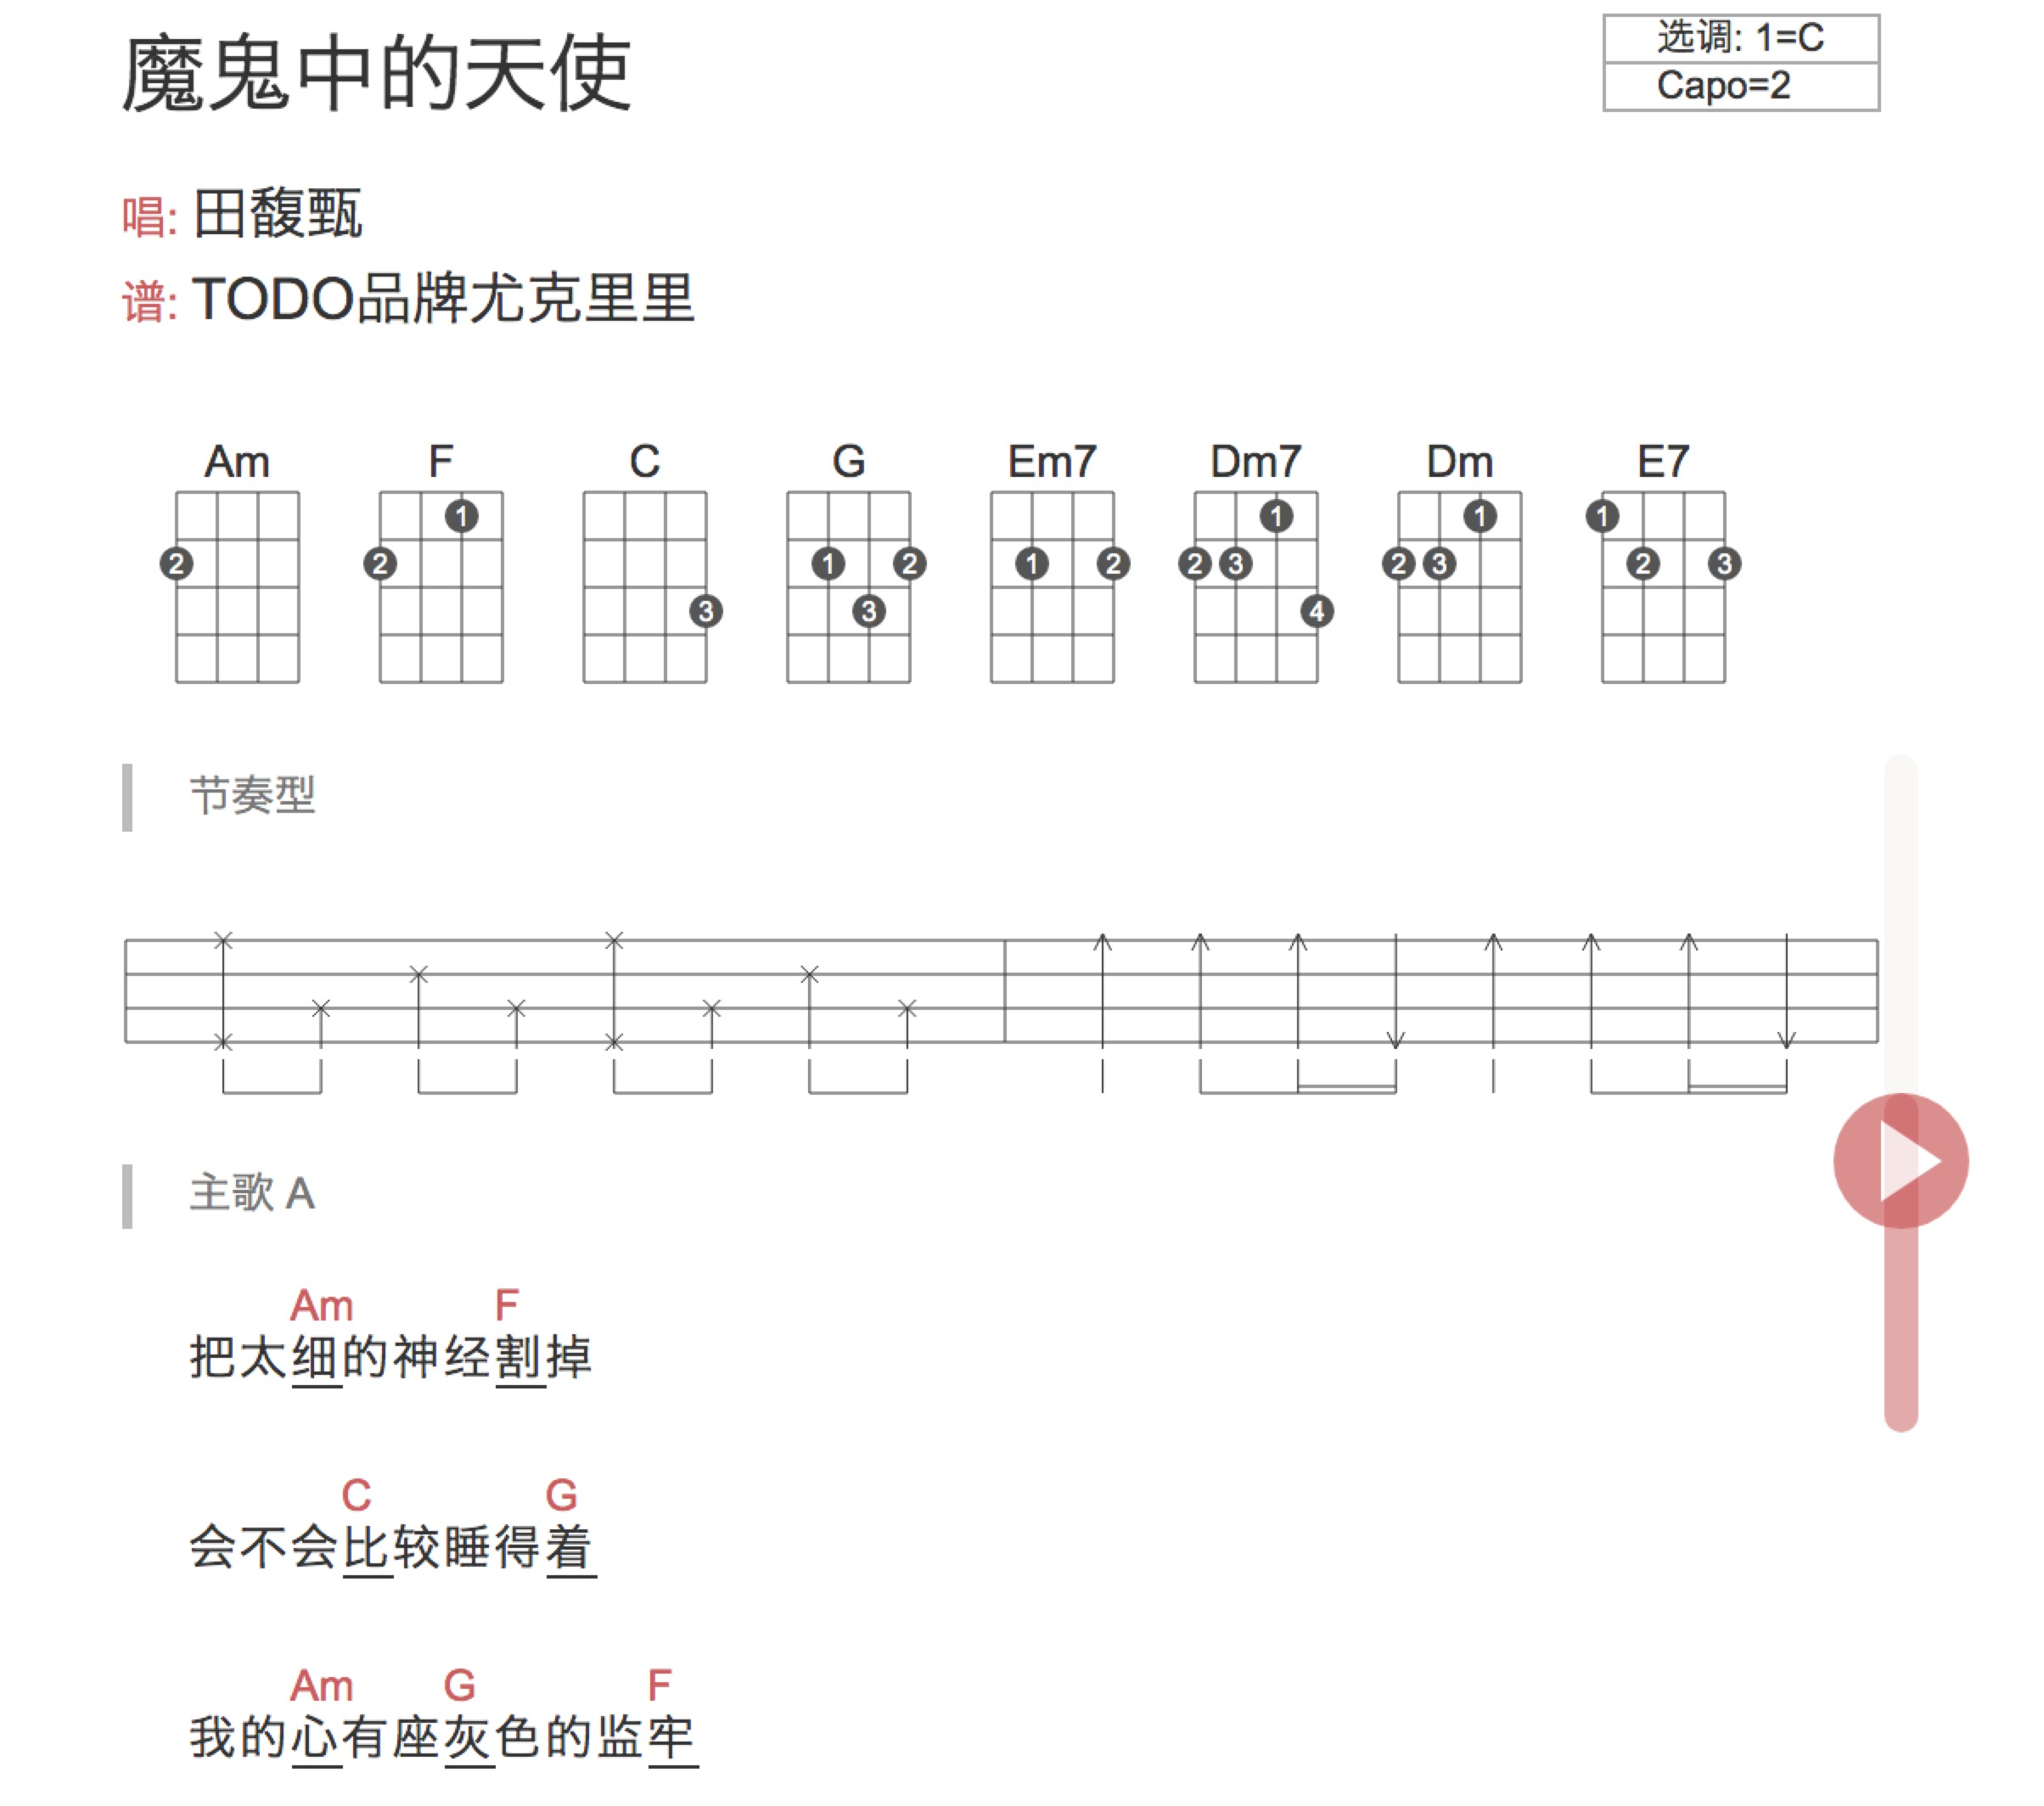 《魔鬼中的天使》高清ukulele谱